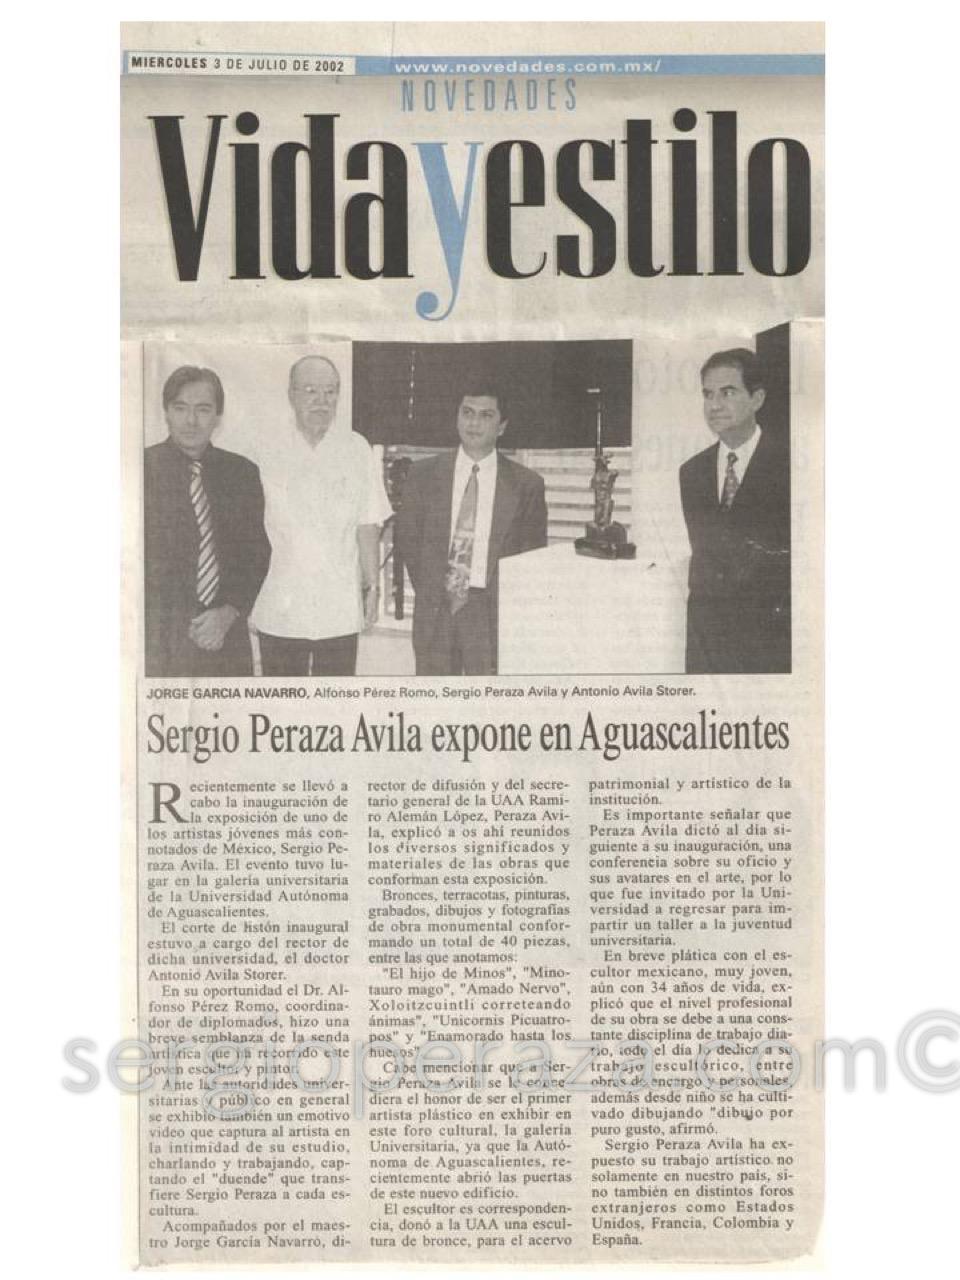 Novedades. Vida Y Estilo. Miercoles 3Julio2002 Sergio Peraza Artista Escultor